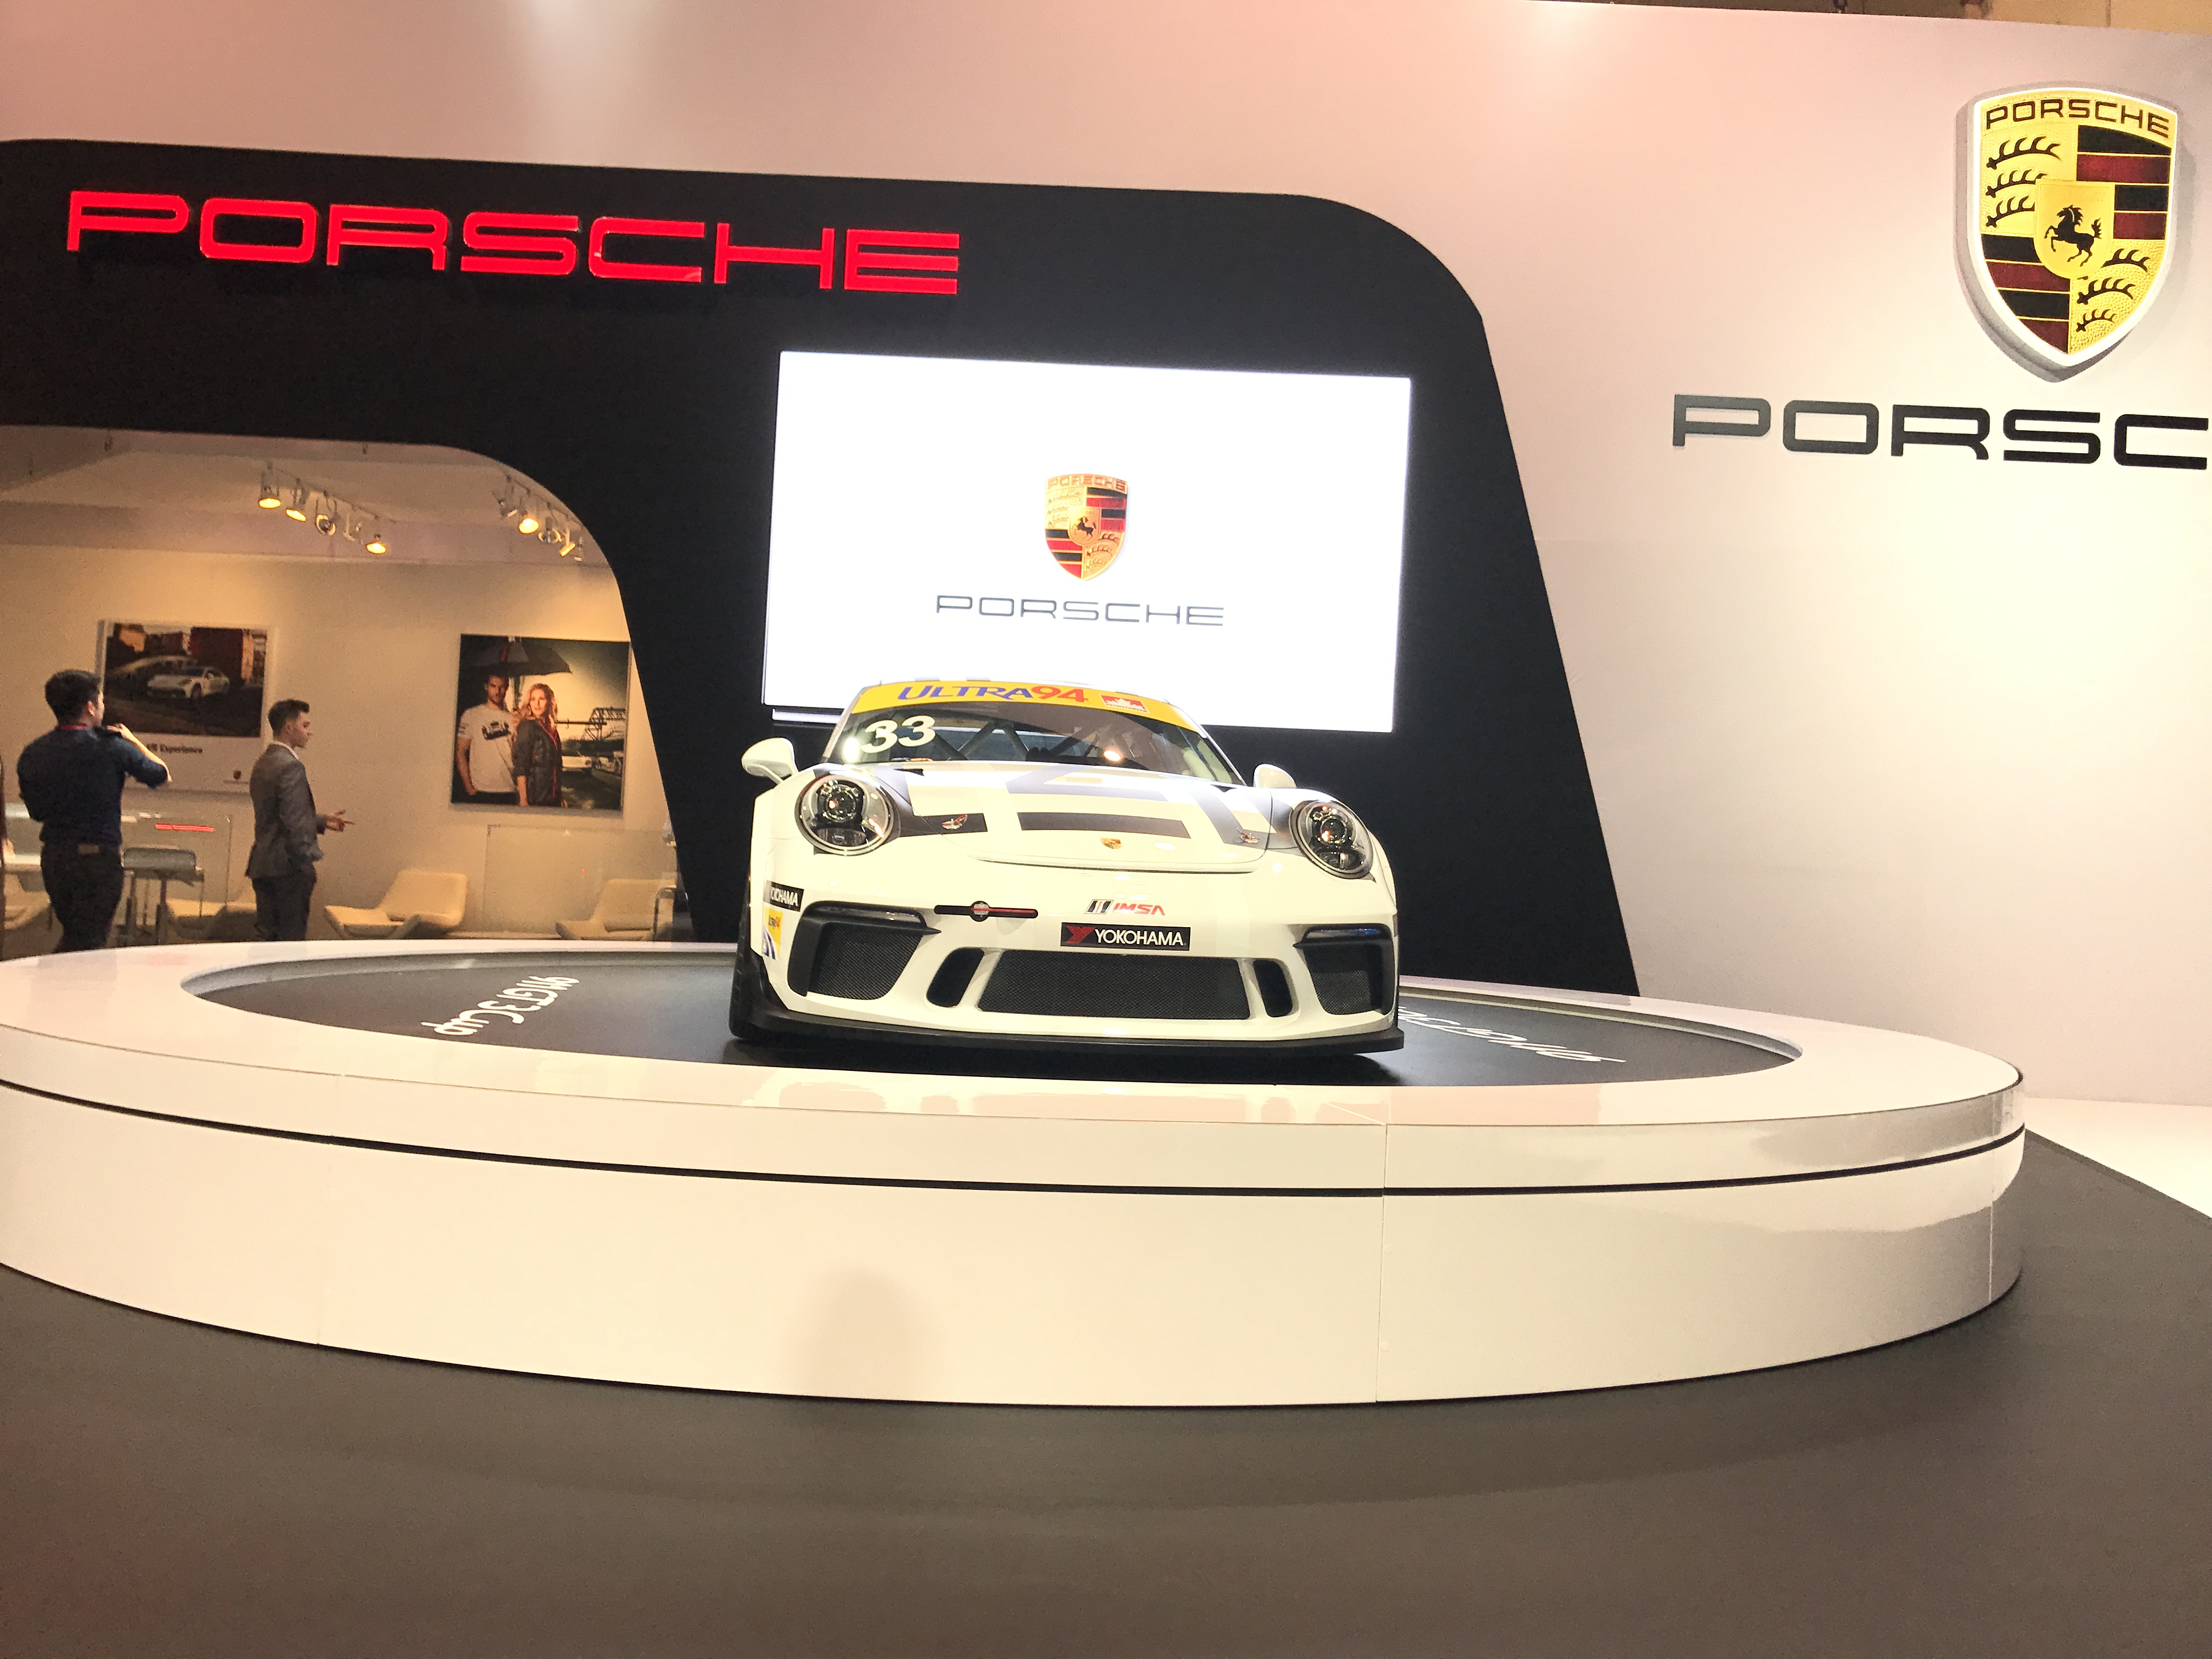 Porsche - Canadian International Autoshow #CIAS2017